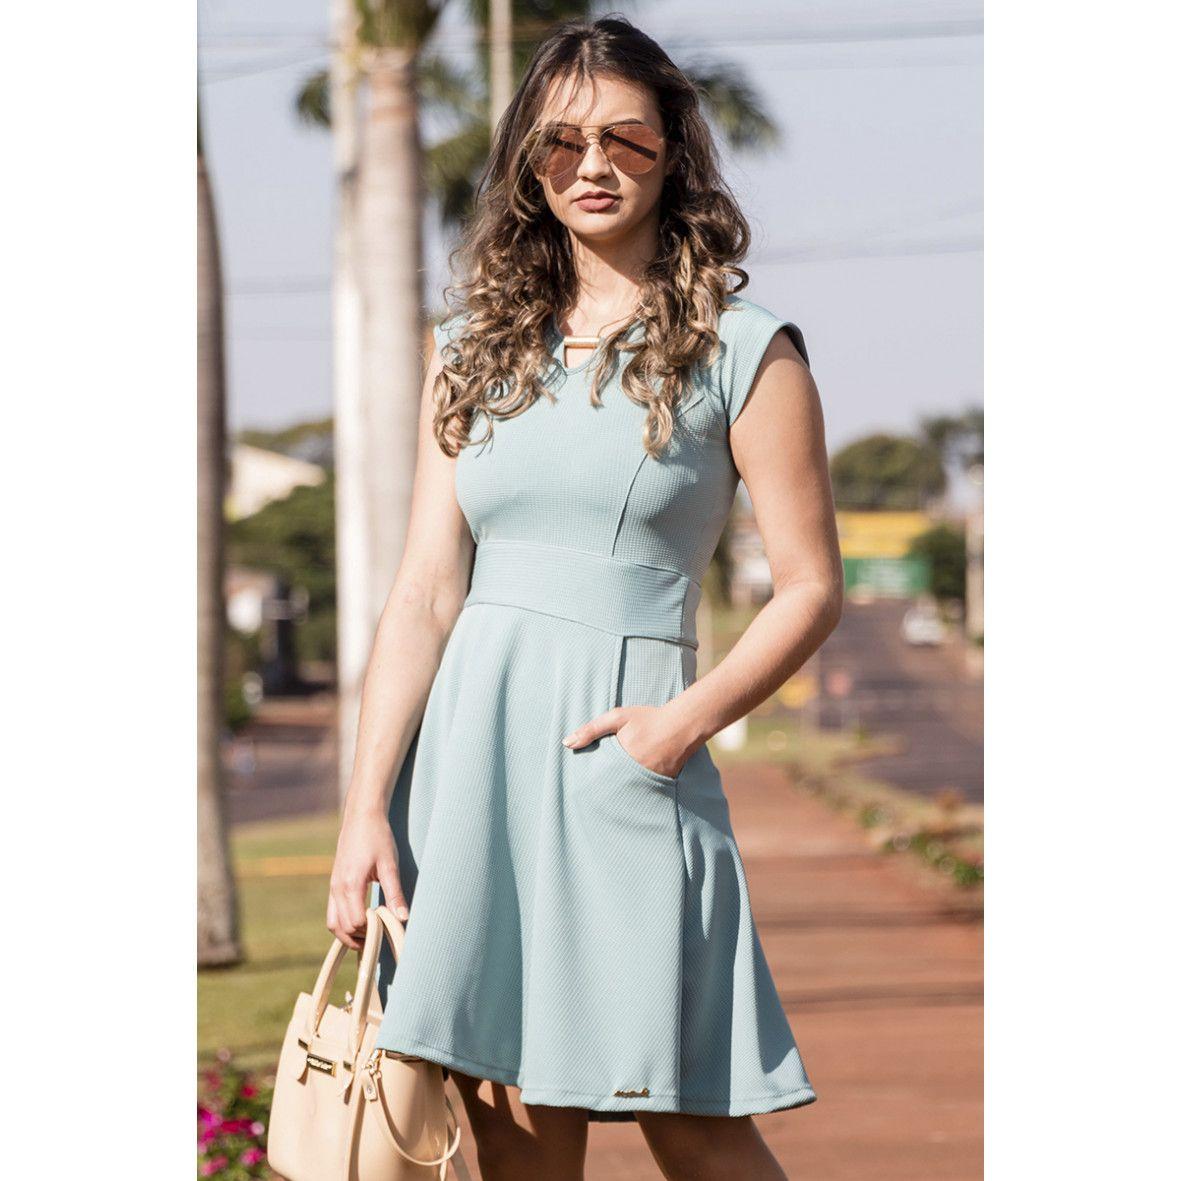 02a8adea3 Vestido Gode Lady Like Maria Bourbon Moda Evangélica em 2019 ...